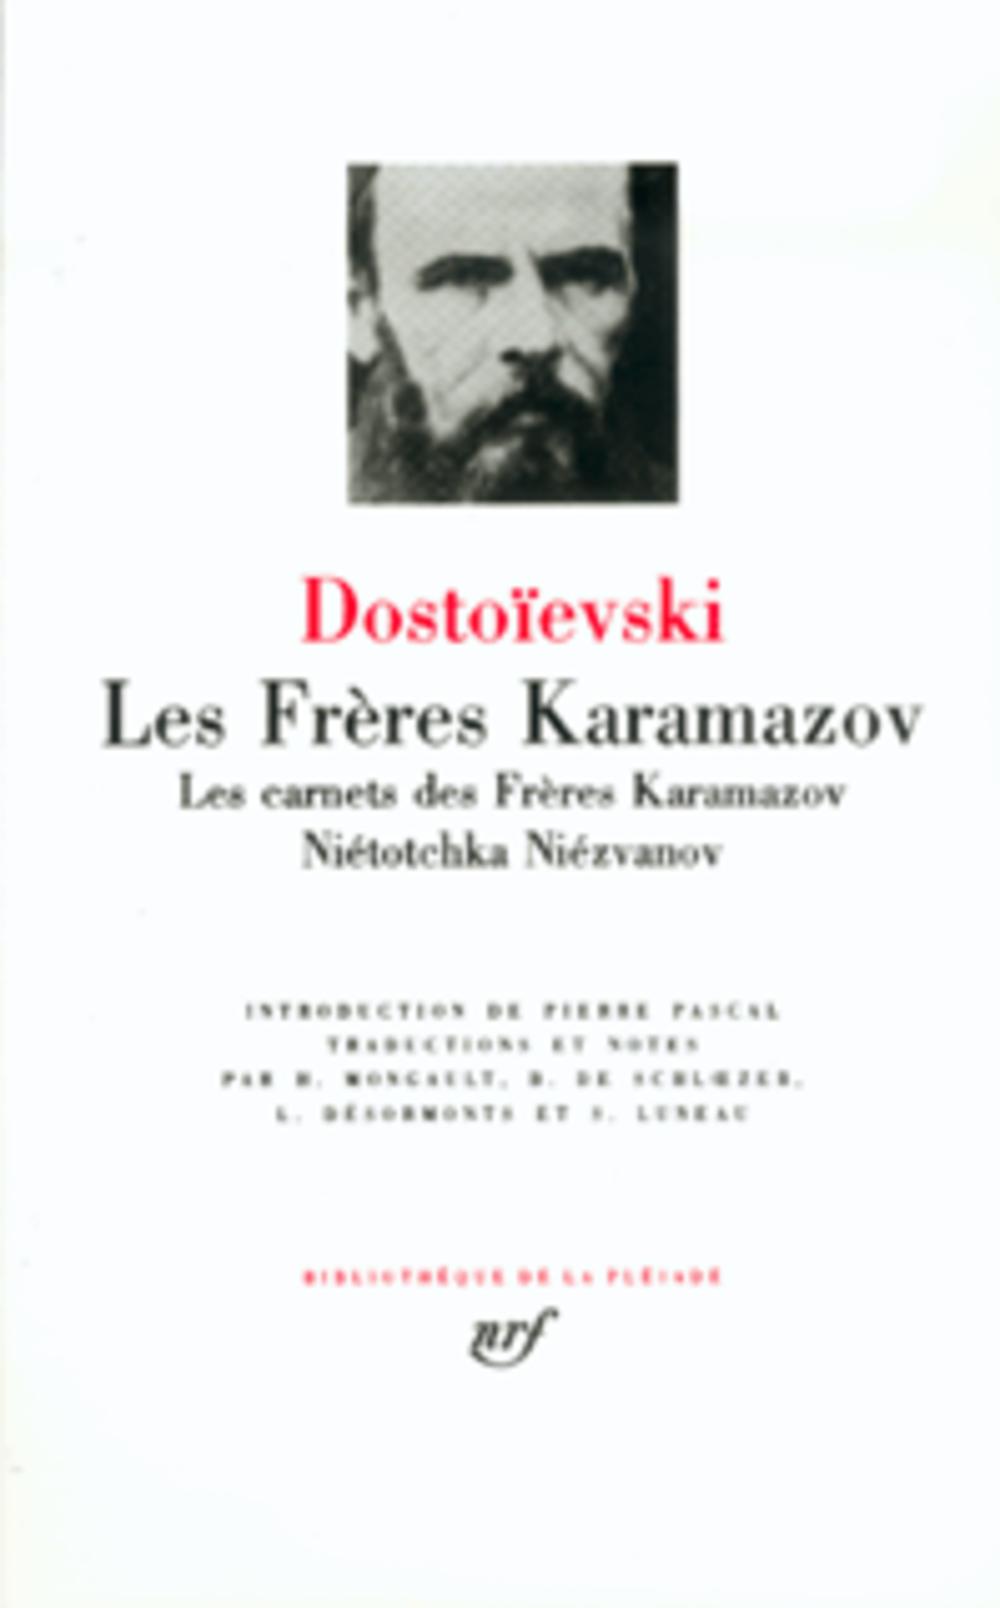 DOSTOIEVSKI F - LES FRERES KARAMAZOV  -  LES CARNETS DES FRERES KARAMAZOV  -  NIETOTCHKA NIEZVANOV